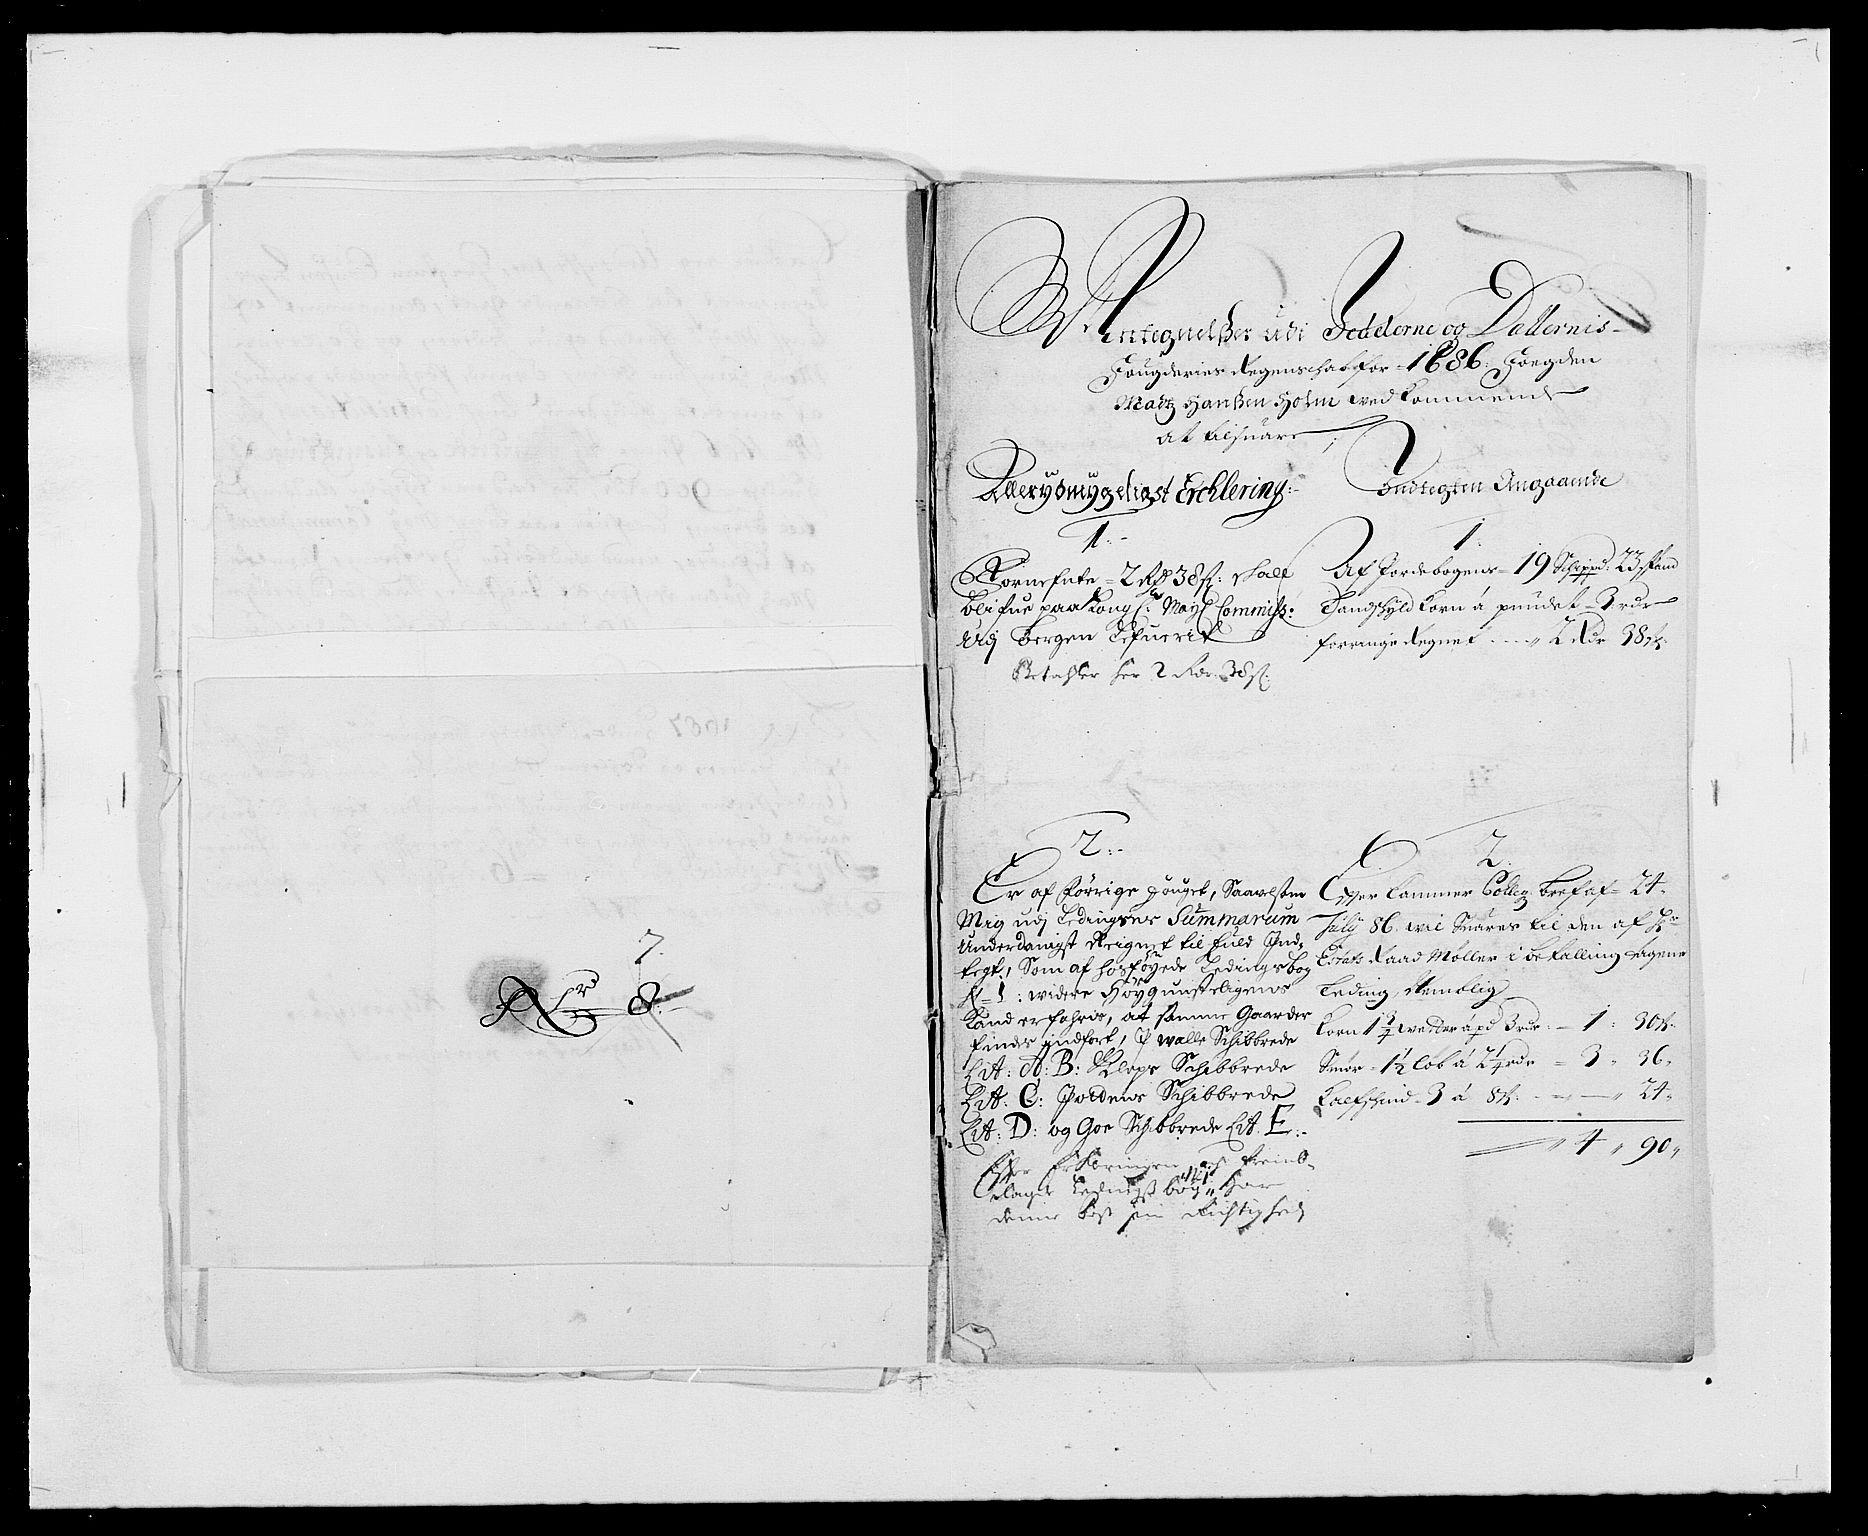 RA, Rentekammeret inntil 1814, Reviderte regnskaper, Fogderegnskap, R46/L2726: Fogderegnskap Jæren og Dalane, 1686-1689, s. 99